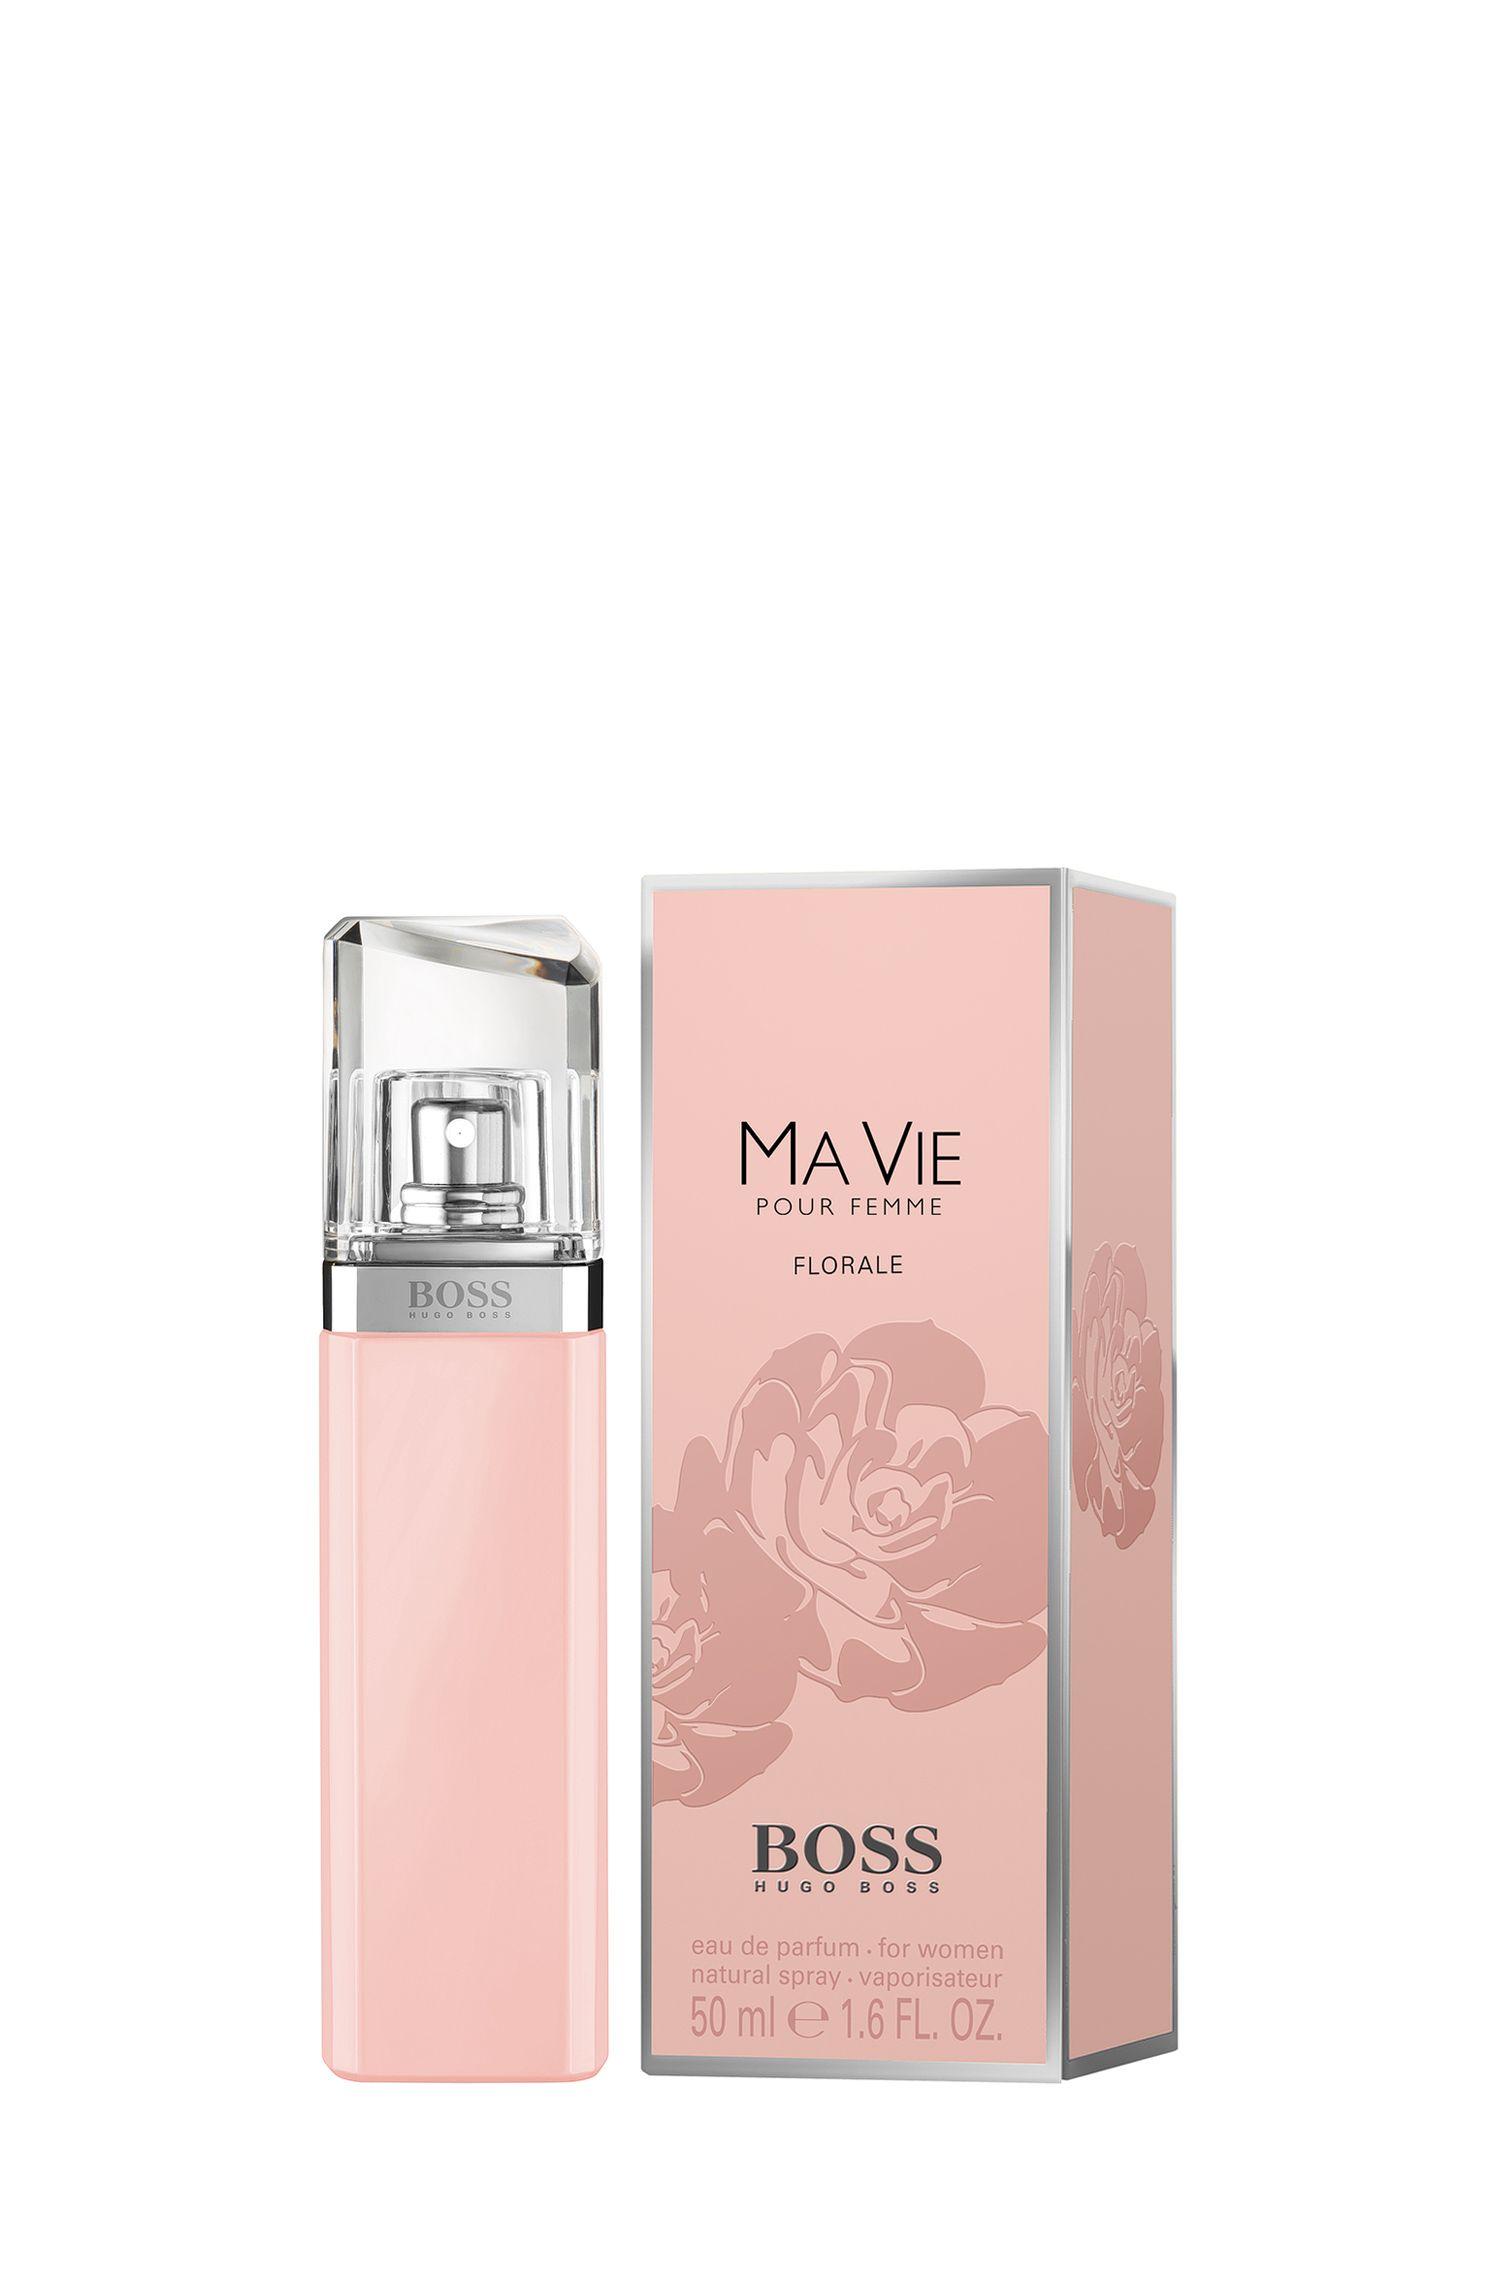 BOSS Ma Vie Florale Eau de Parfum 50ml